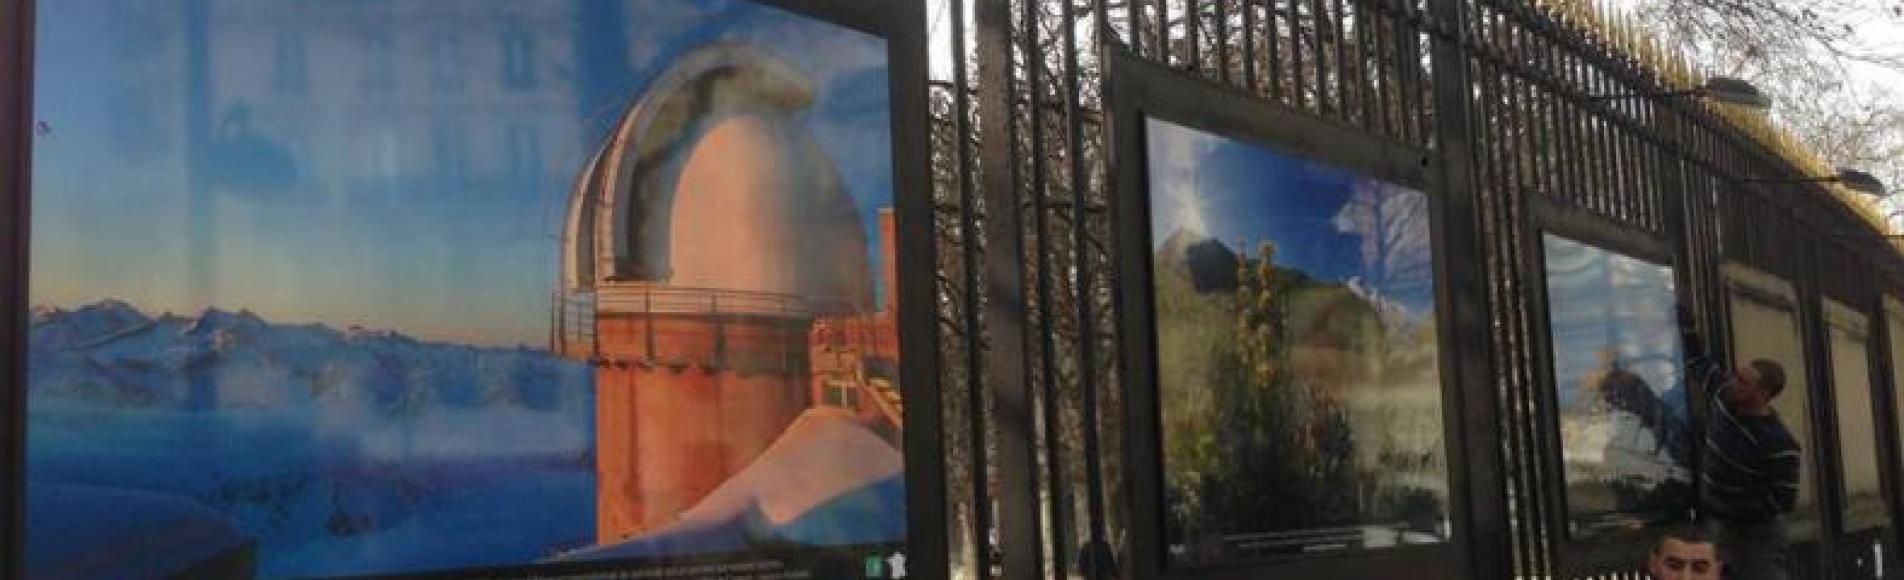 Exposition Montagnes de France, sur les grilles du Jardin du Luxembourg à Paris - mars 2015 © DR